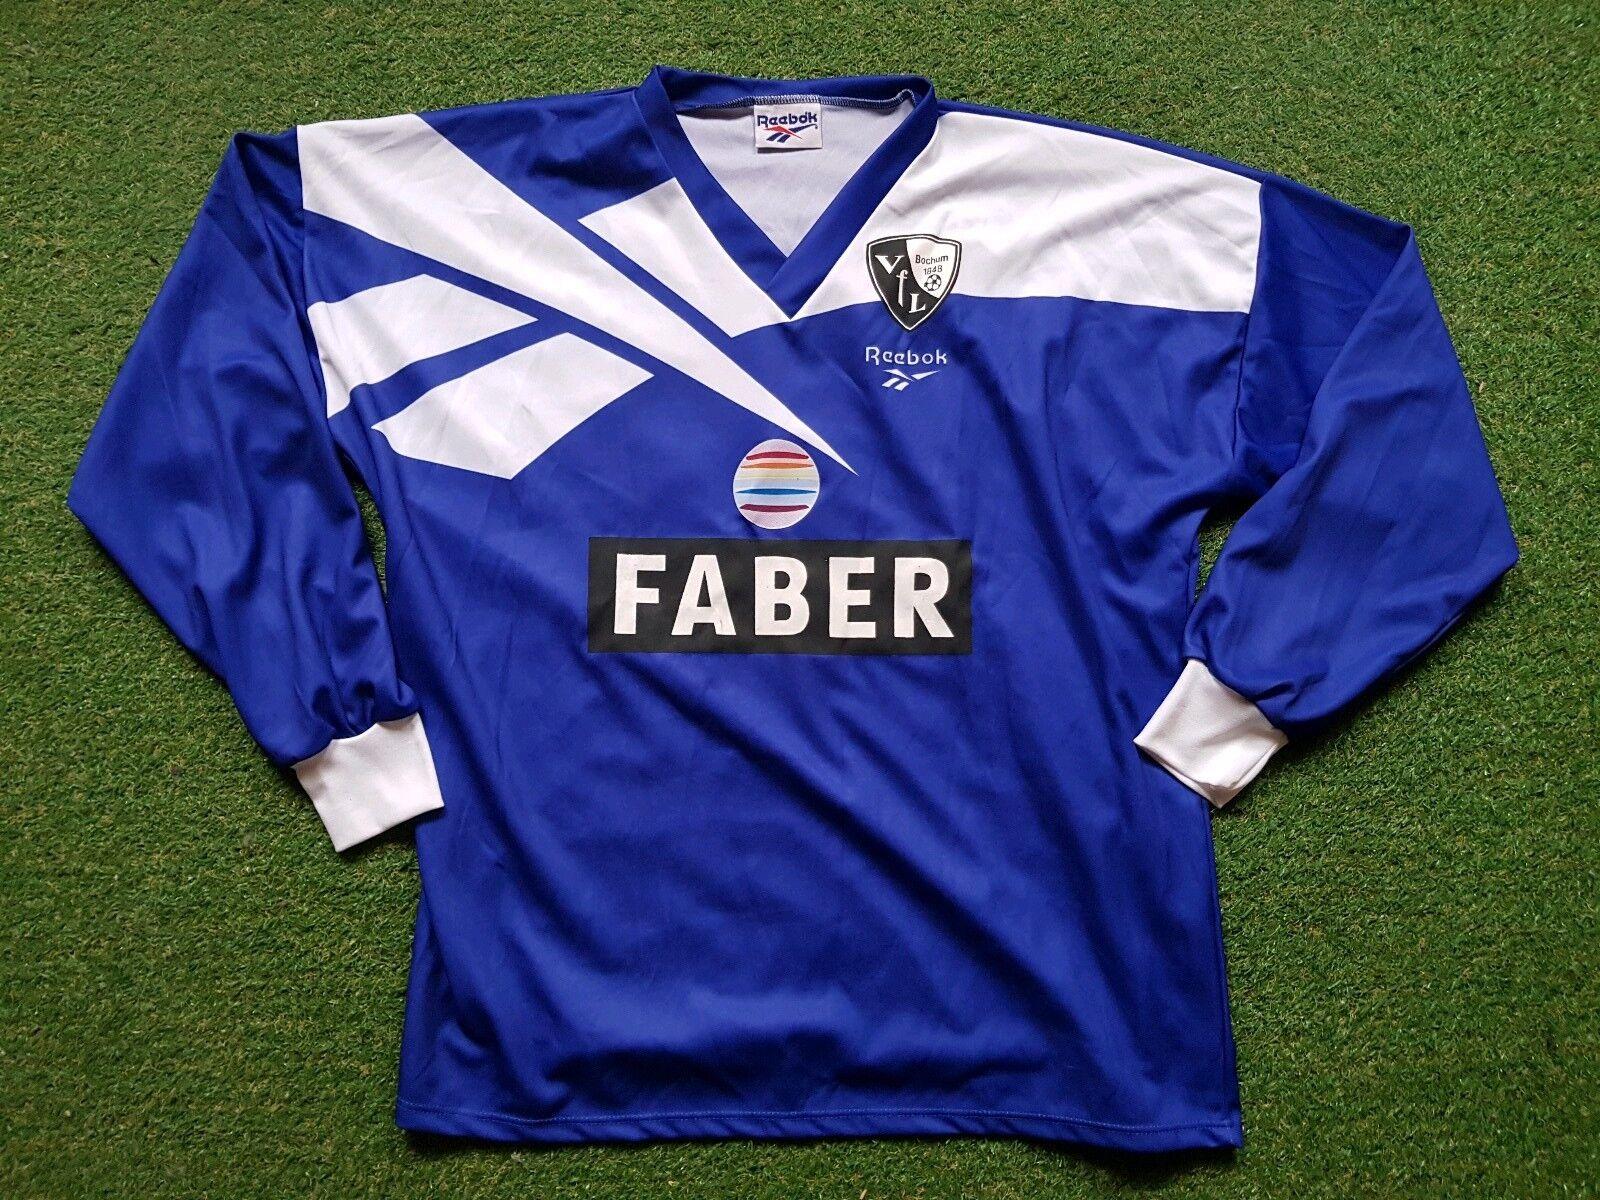 VFL Bochum Trikot XXL 94 95 Reebok Football Shirt Soccer Jersey  Faber 10 Wosz  | Moderne Muster